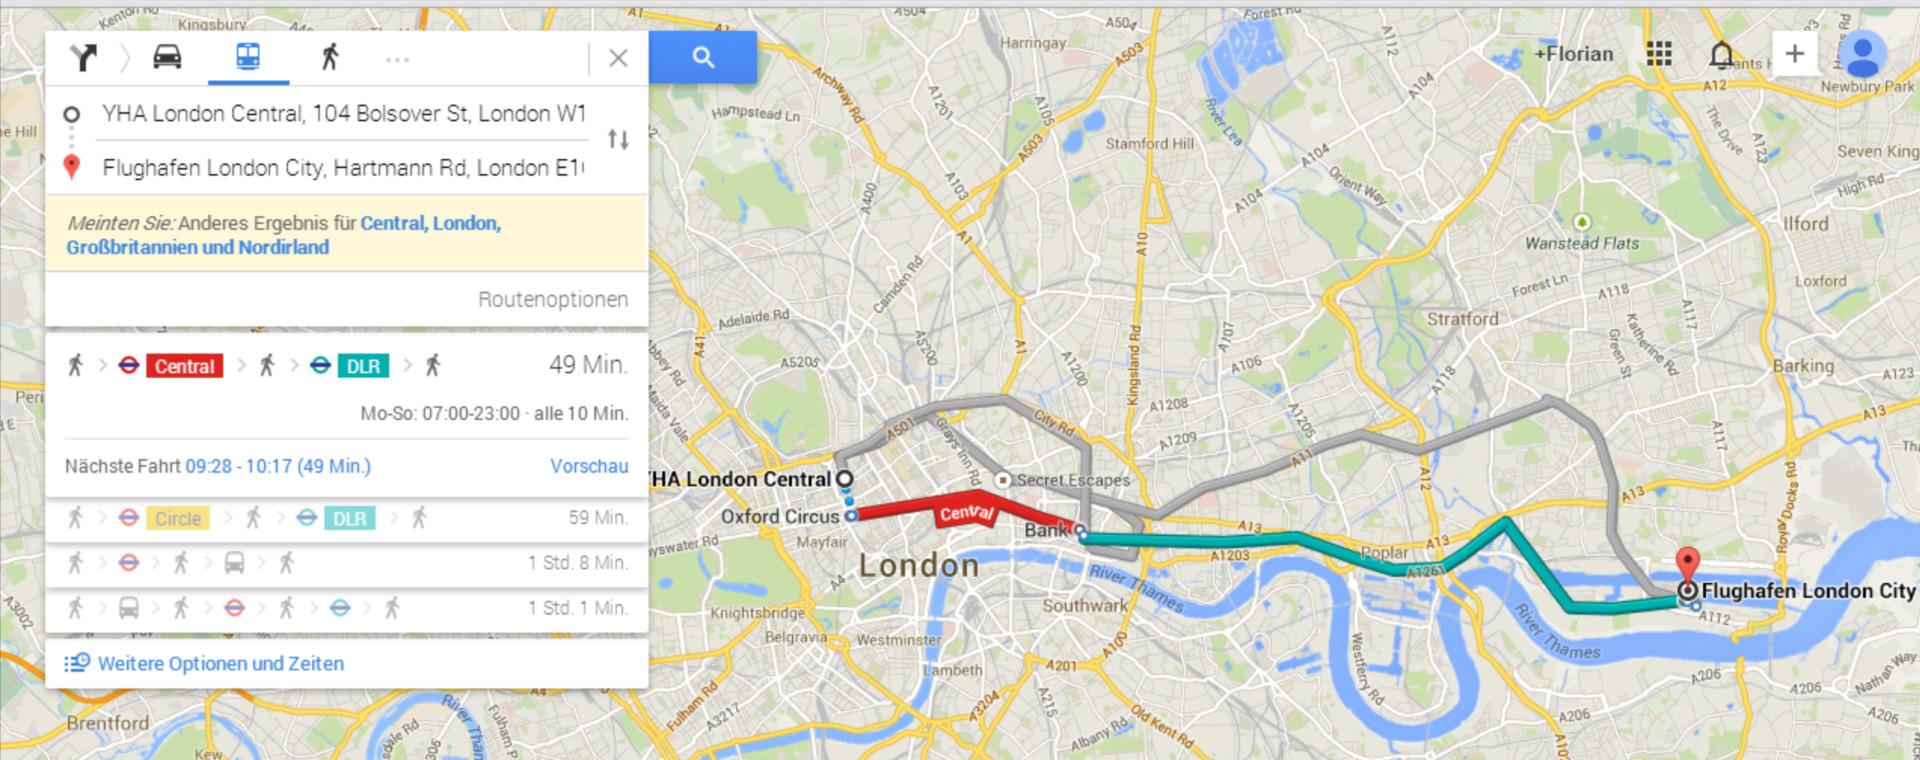 google maps l sst britische user ffentliche. Black Bedroom Furniture Sets. Home Design Ideas